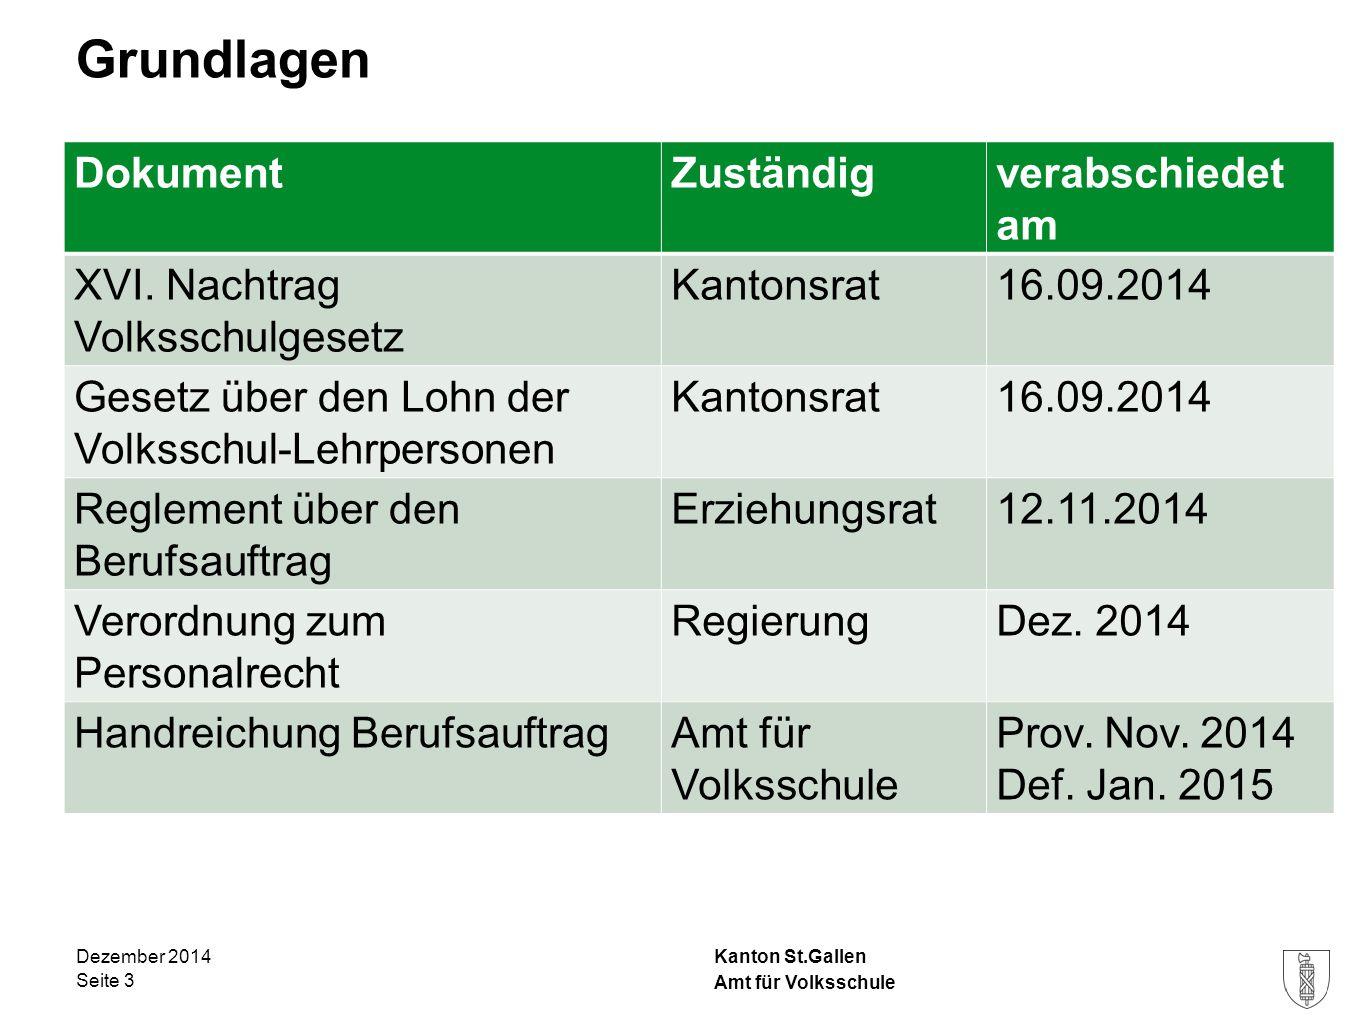 Kanton St.Gallen Grundlagen Dezember 2014 Seite 3 Amt für Volksschule DokumentZuständigverabschiedet am XVI. Nachtrag Volksschulgesetz Kantonsrat16.09